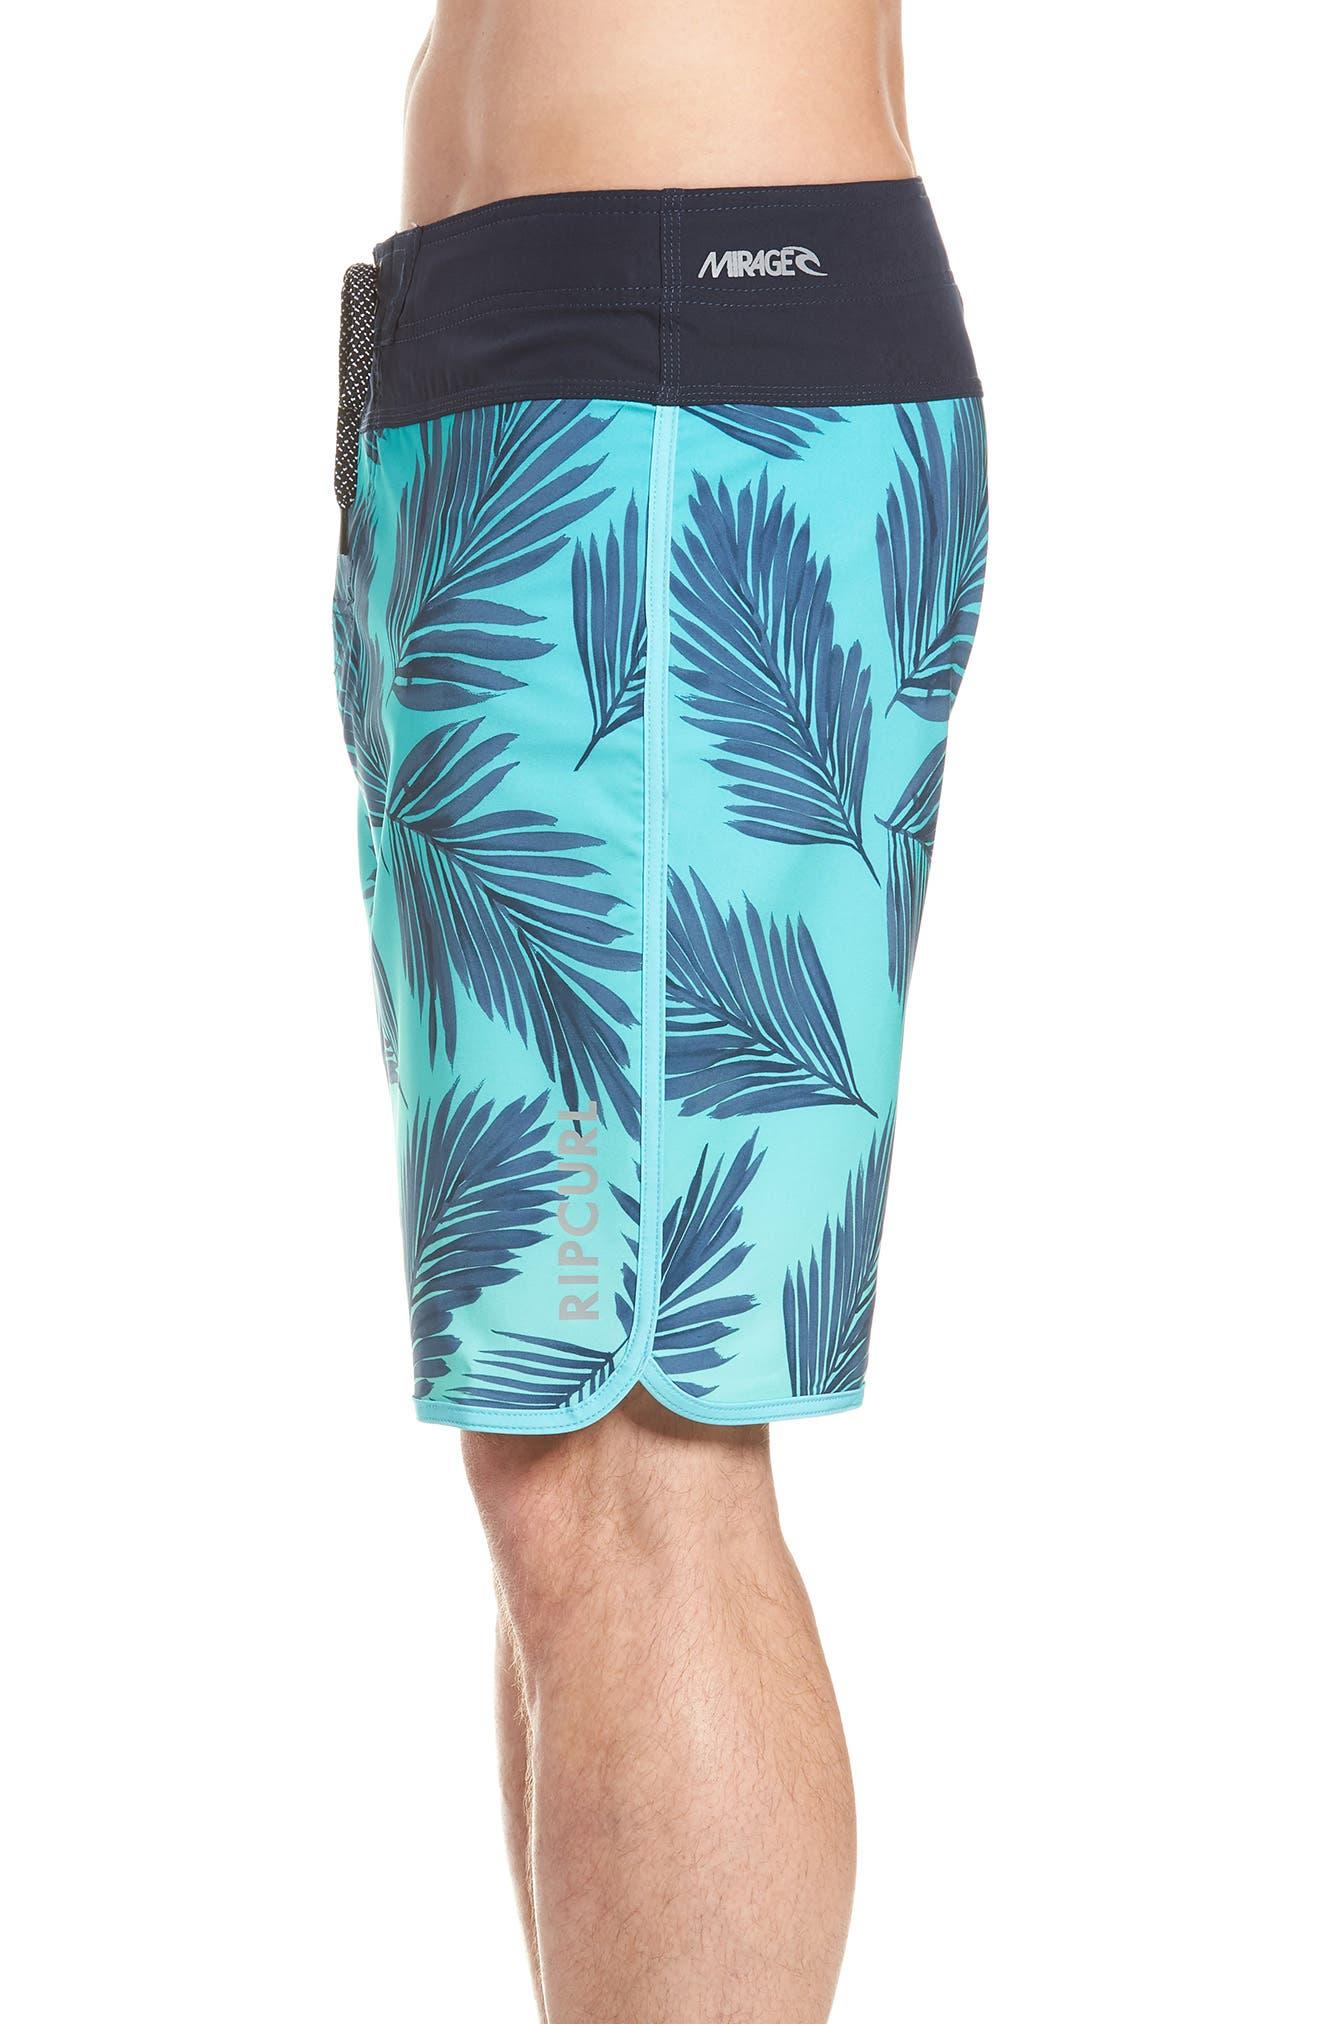 Mirage Mason Rockies Board Shorts,                             Alternate thumbnail 4, color,                             Teal